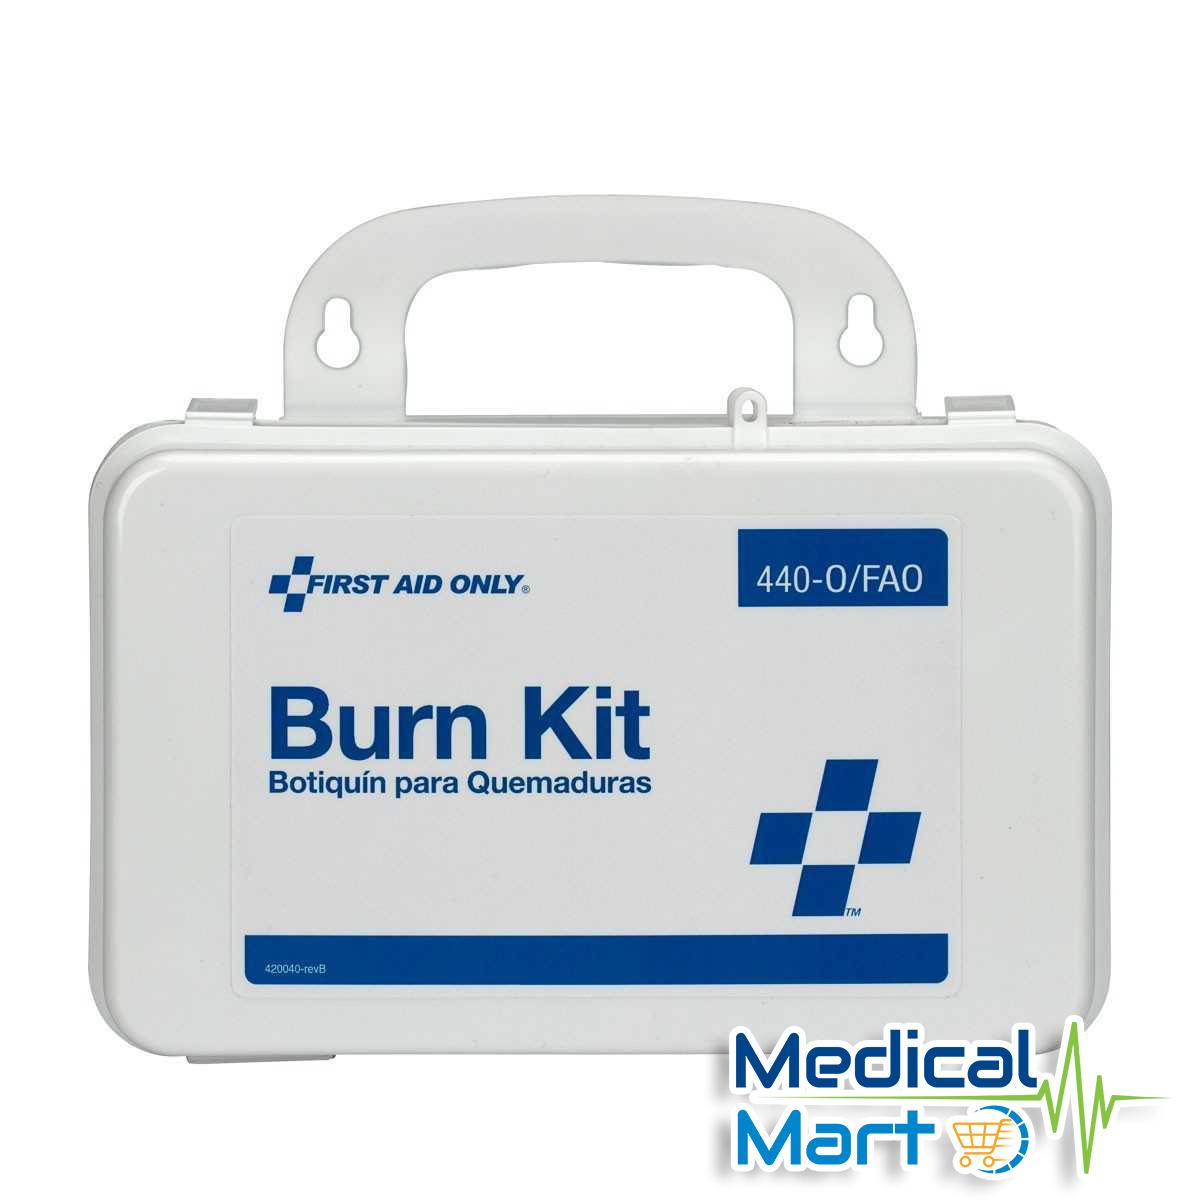 Burn Kit